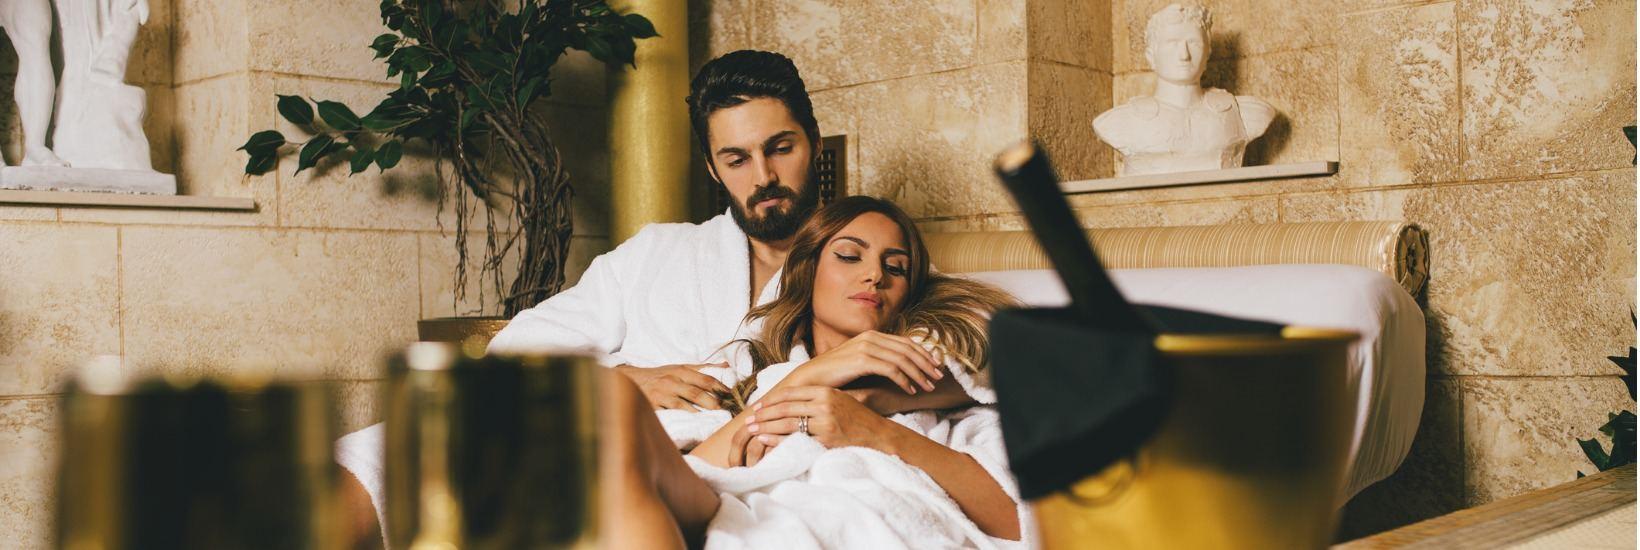 Lust auf Sex im Saunaclub? Ich verrate Dir alles, was Du dazu wissen musst!